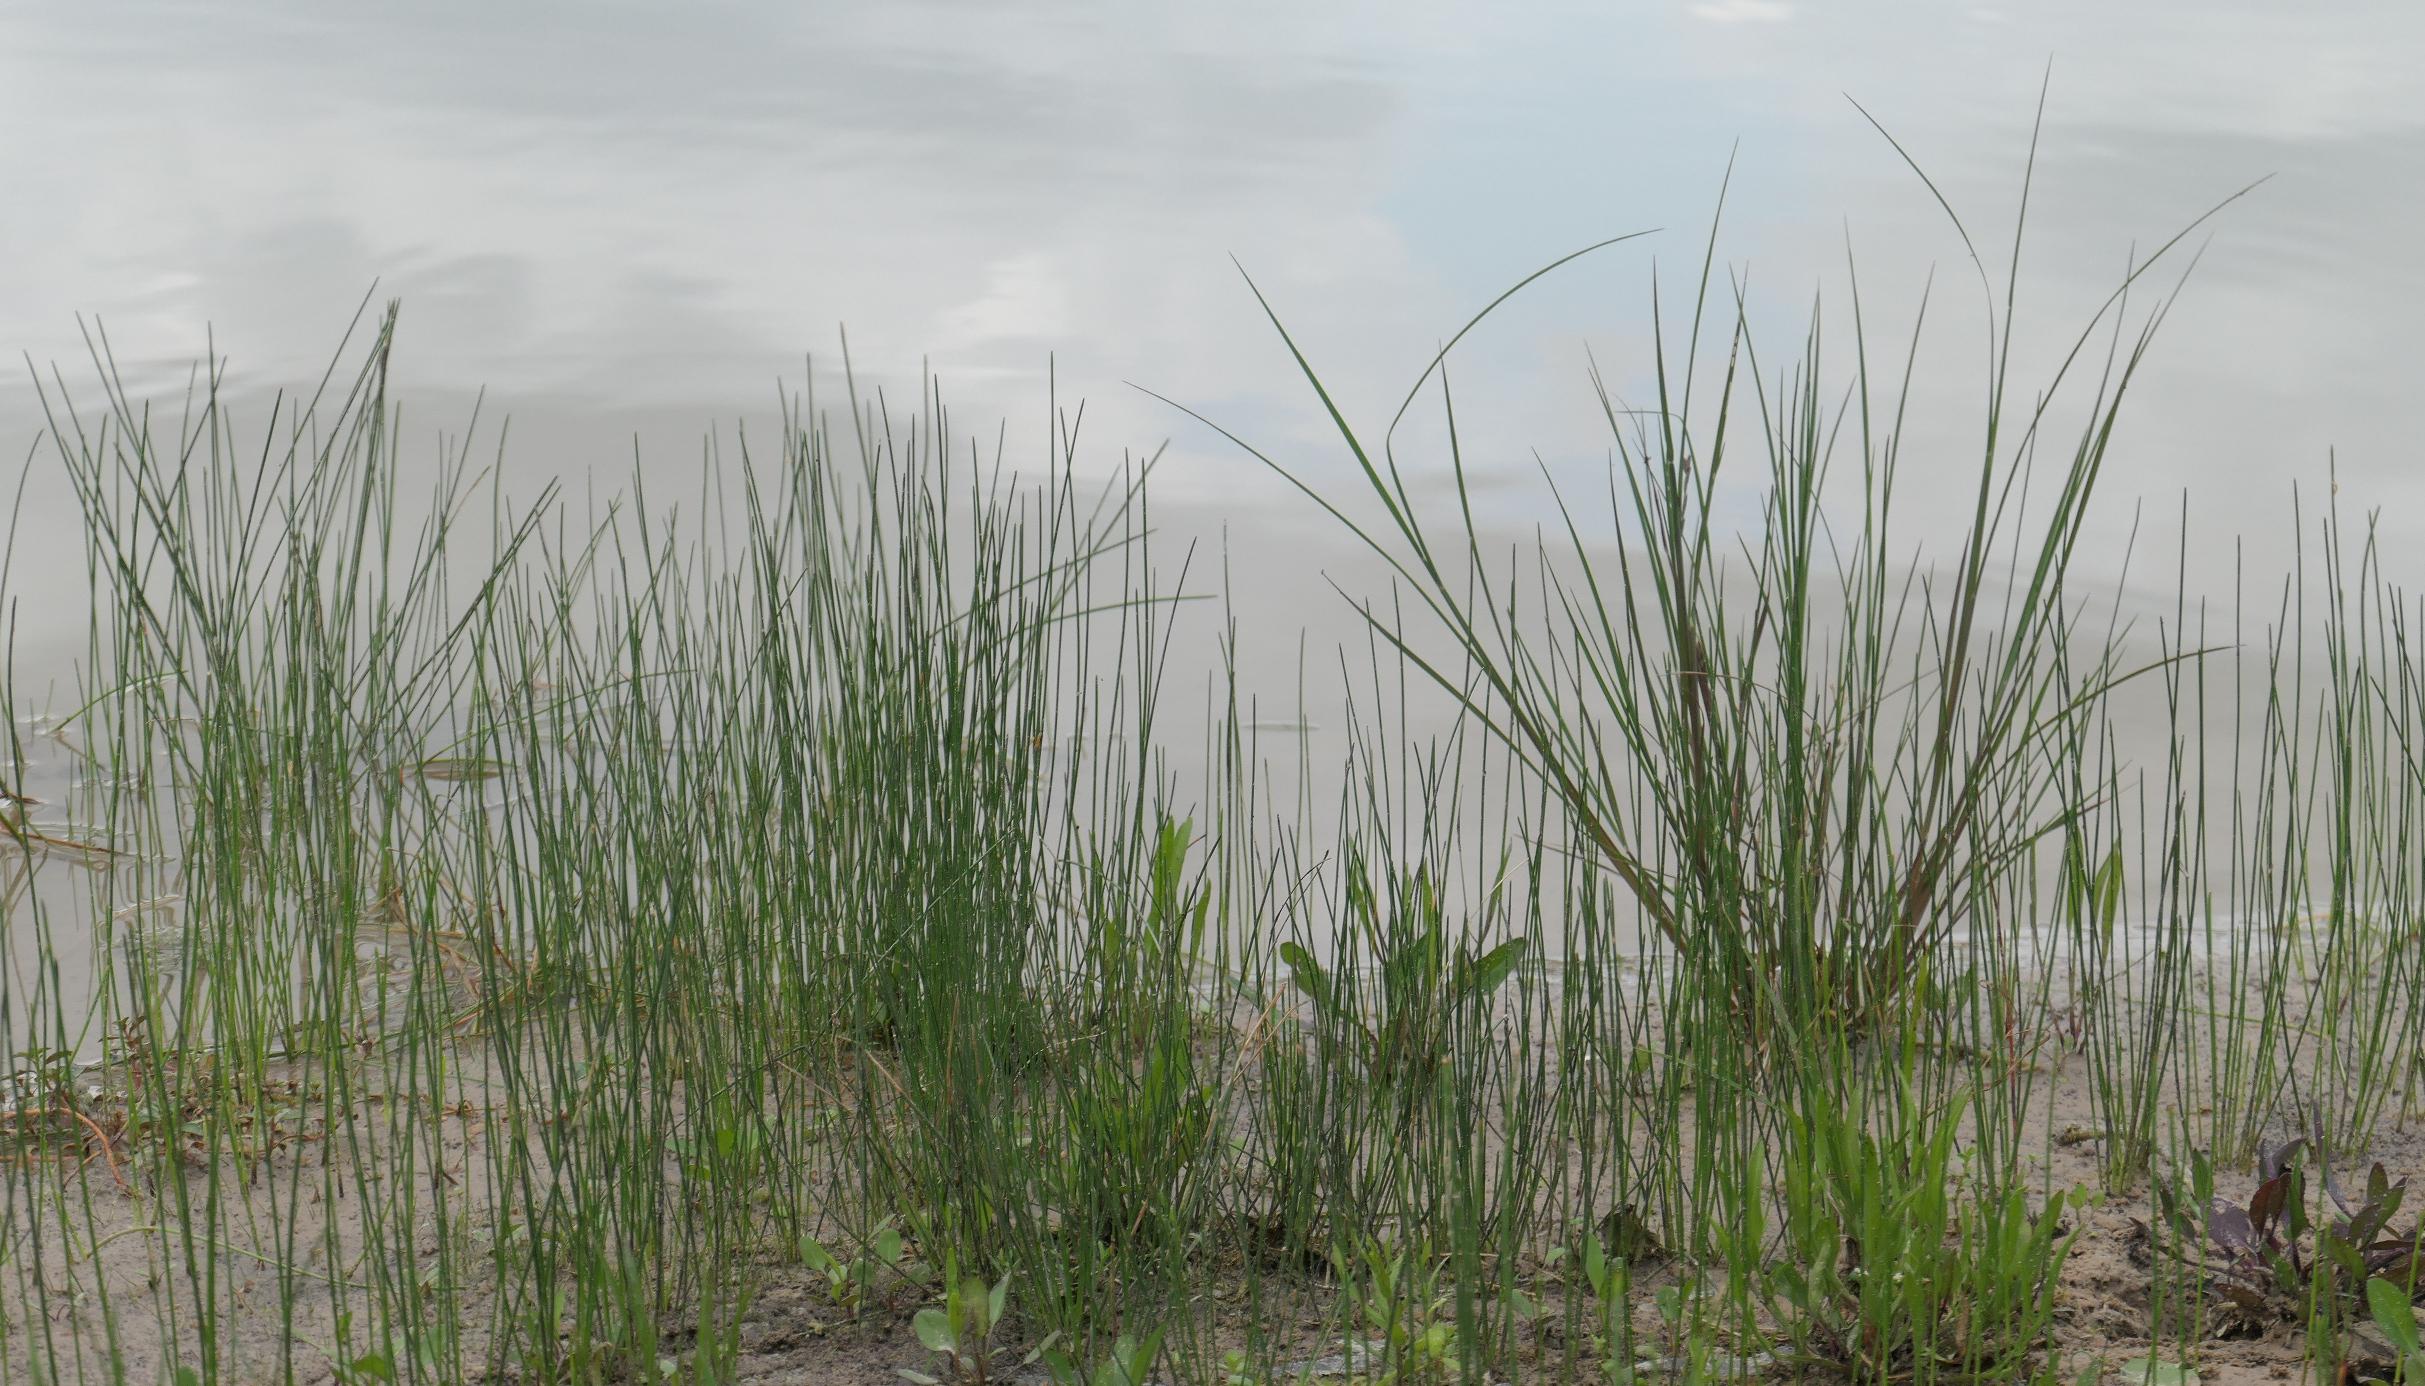 bush grasses